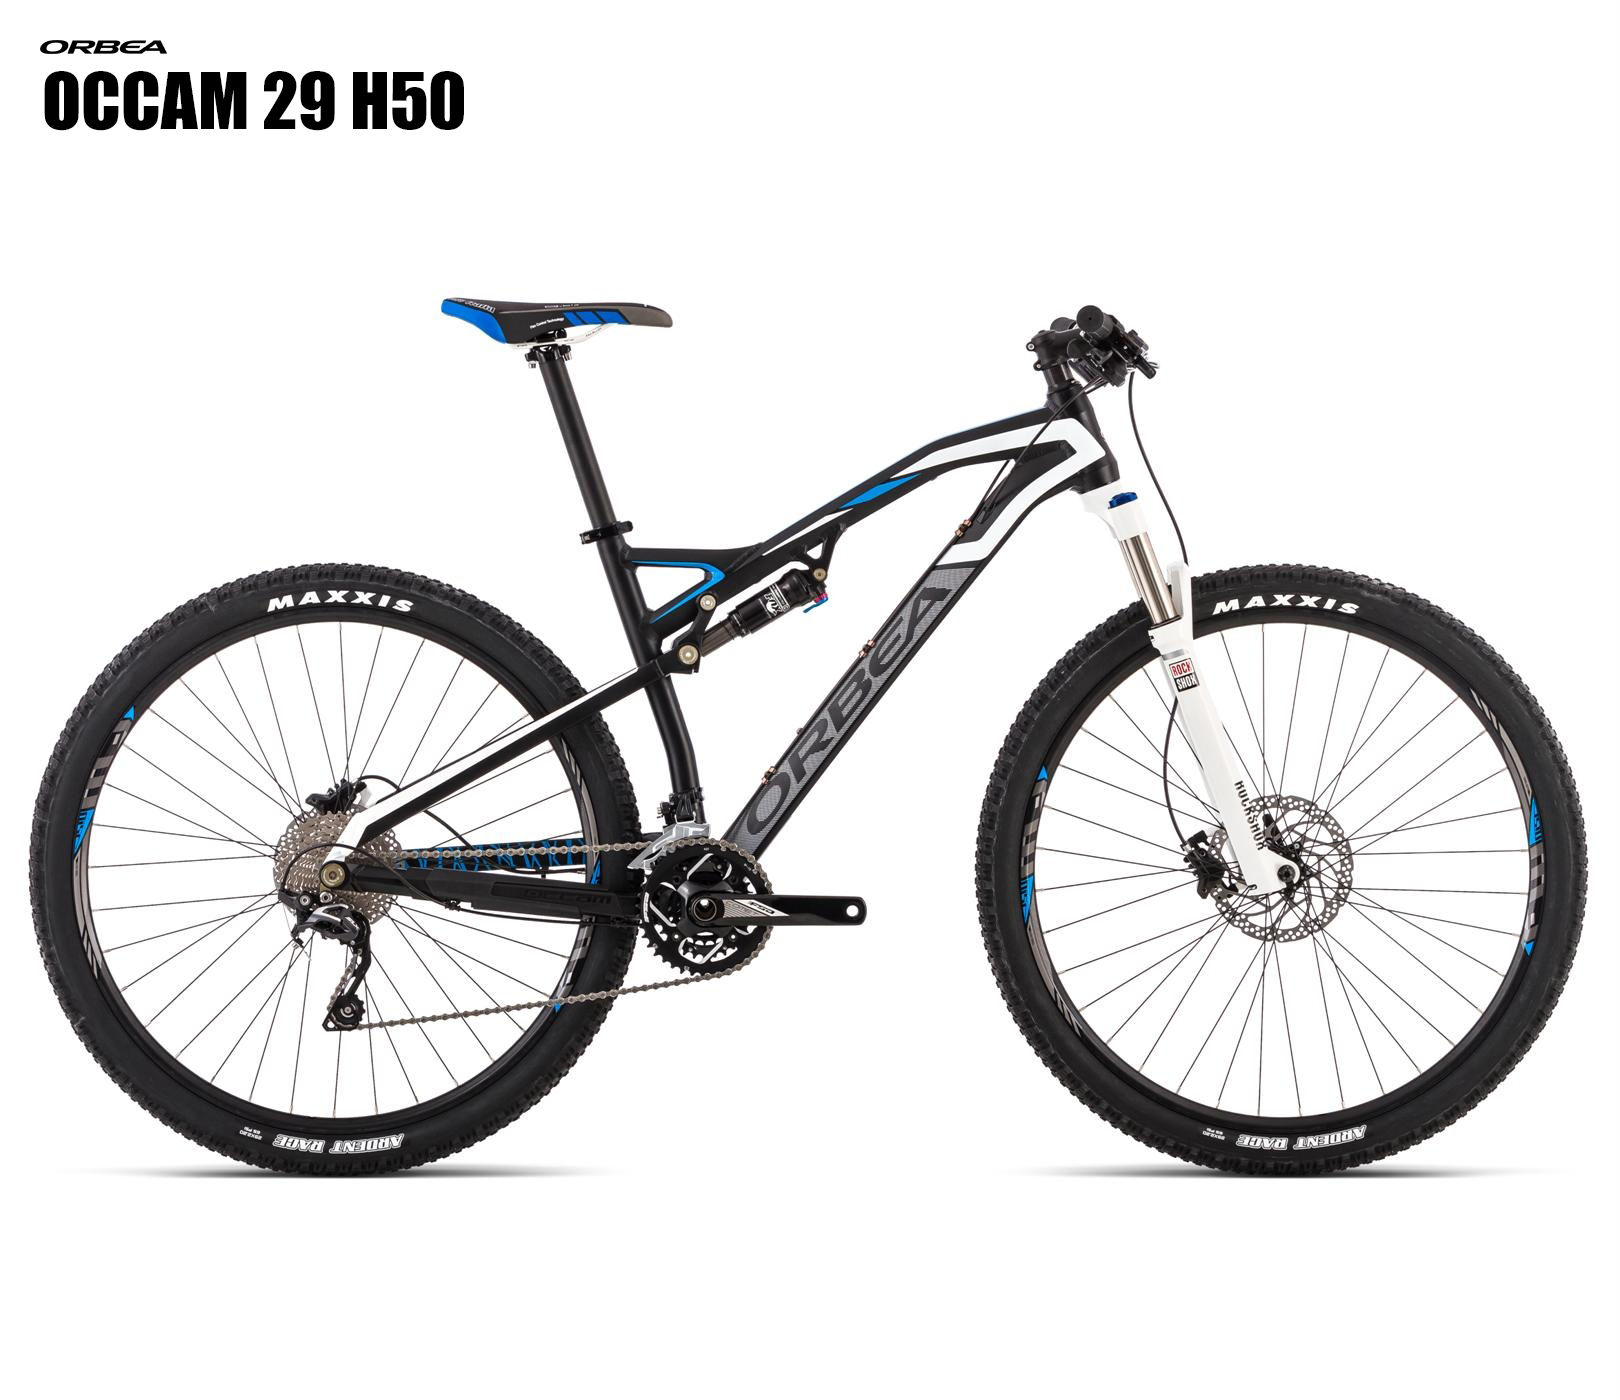 D246TTCC-DA-SIDE-OCCAM 29 H50